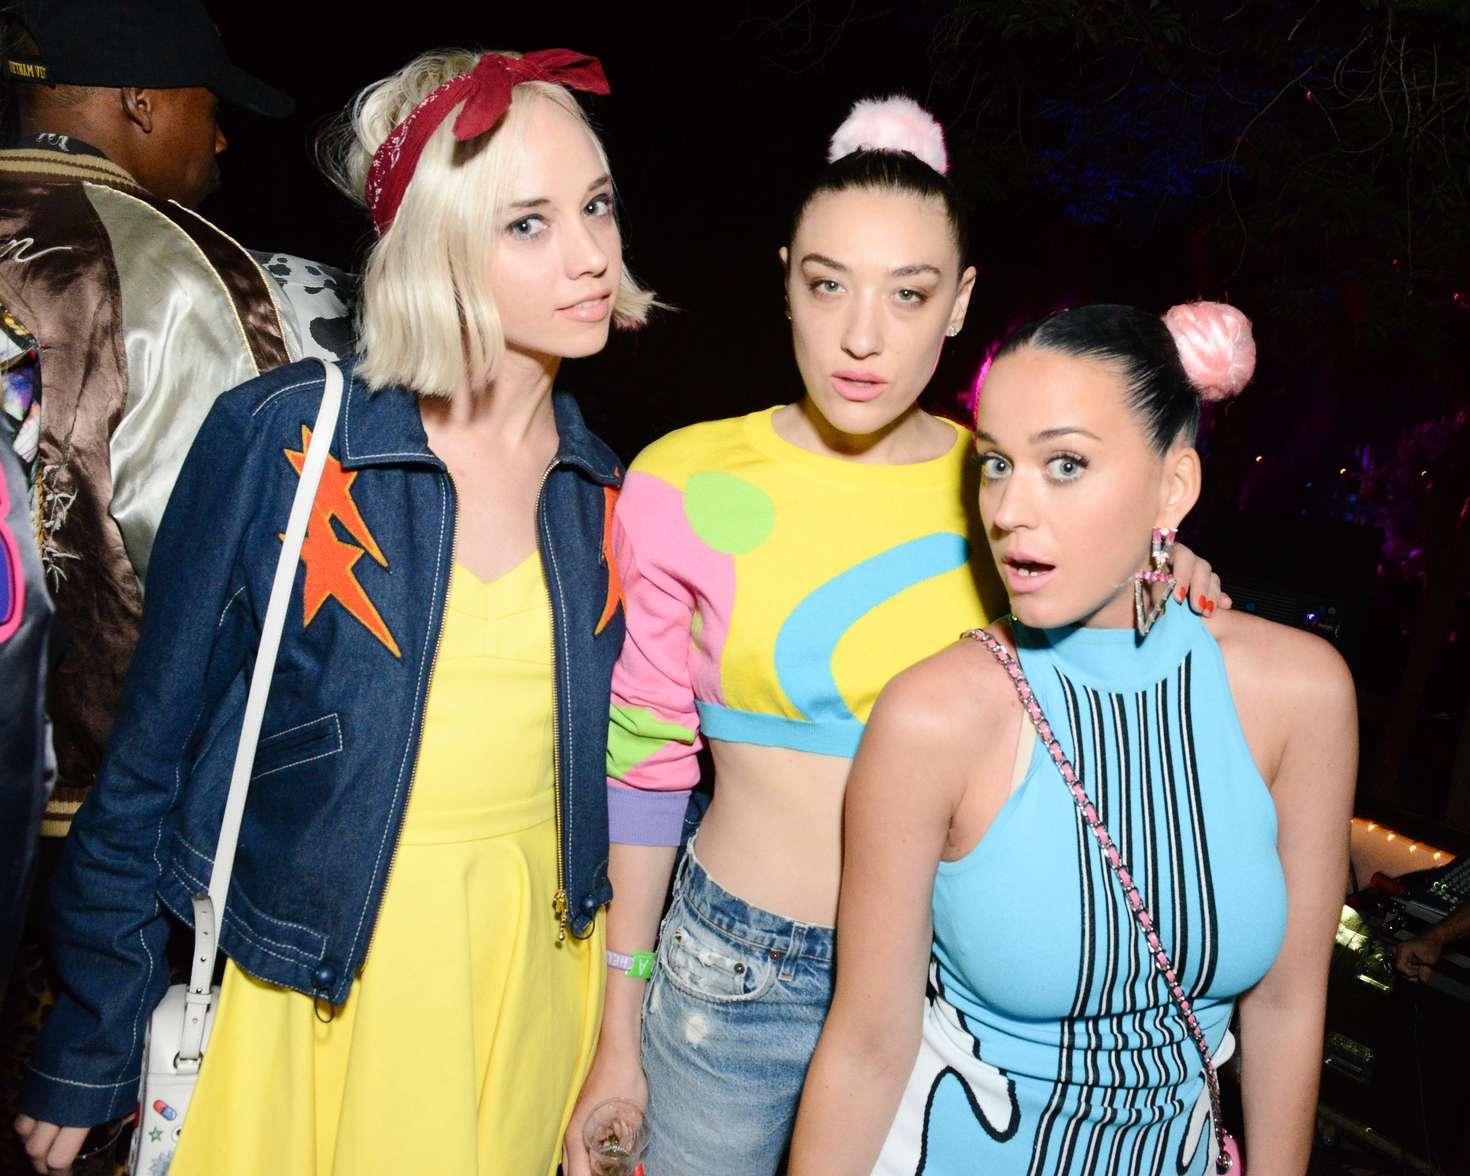 Katy Perry Jeremy Scott Party at Coachella 2016  17 1470x1176